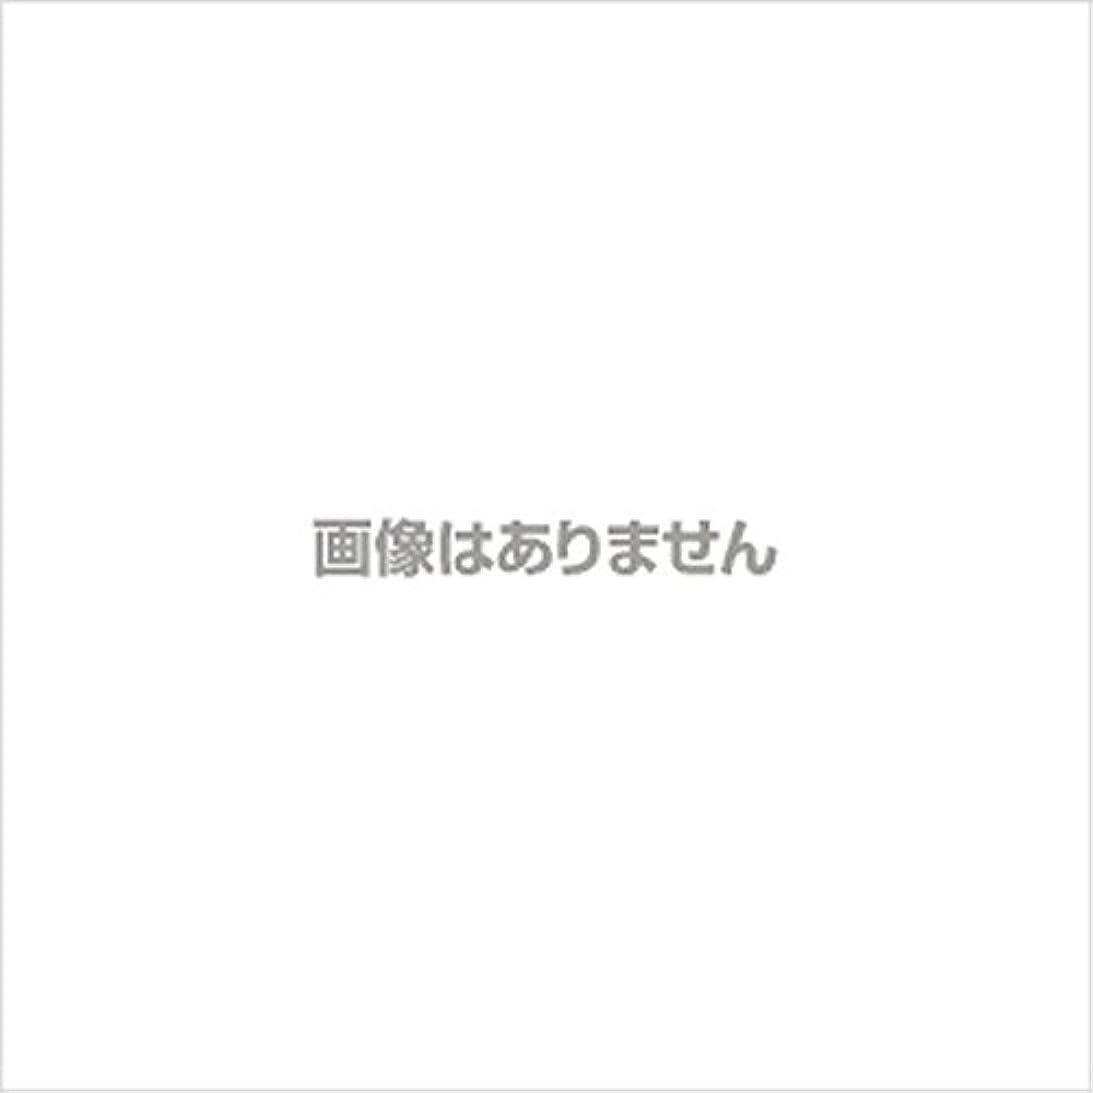 先にすり減る精緻化新発売】EBUKEA エブケアNO1004 プラスチックグローブ(パウダーフリー?粉なし)Mサイズ 100枚入(極薄?半透明)